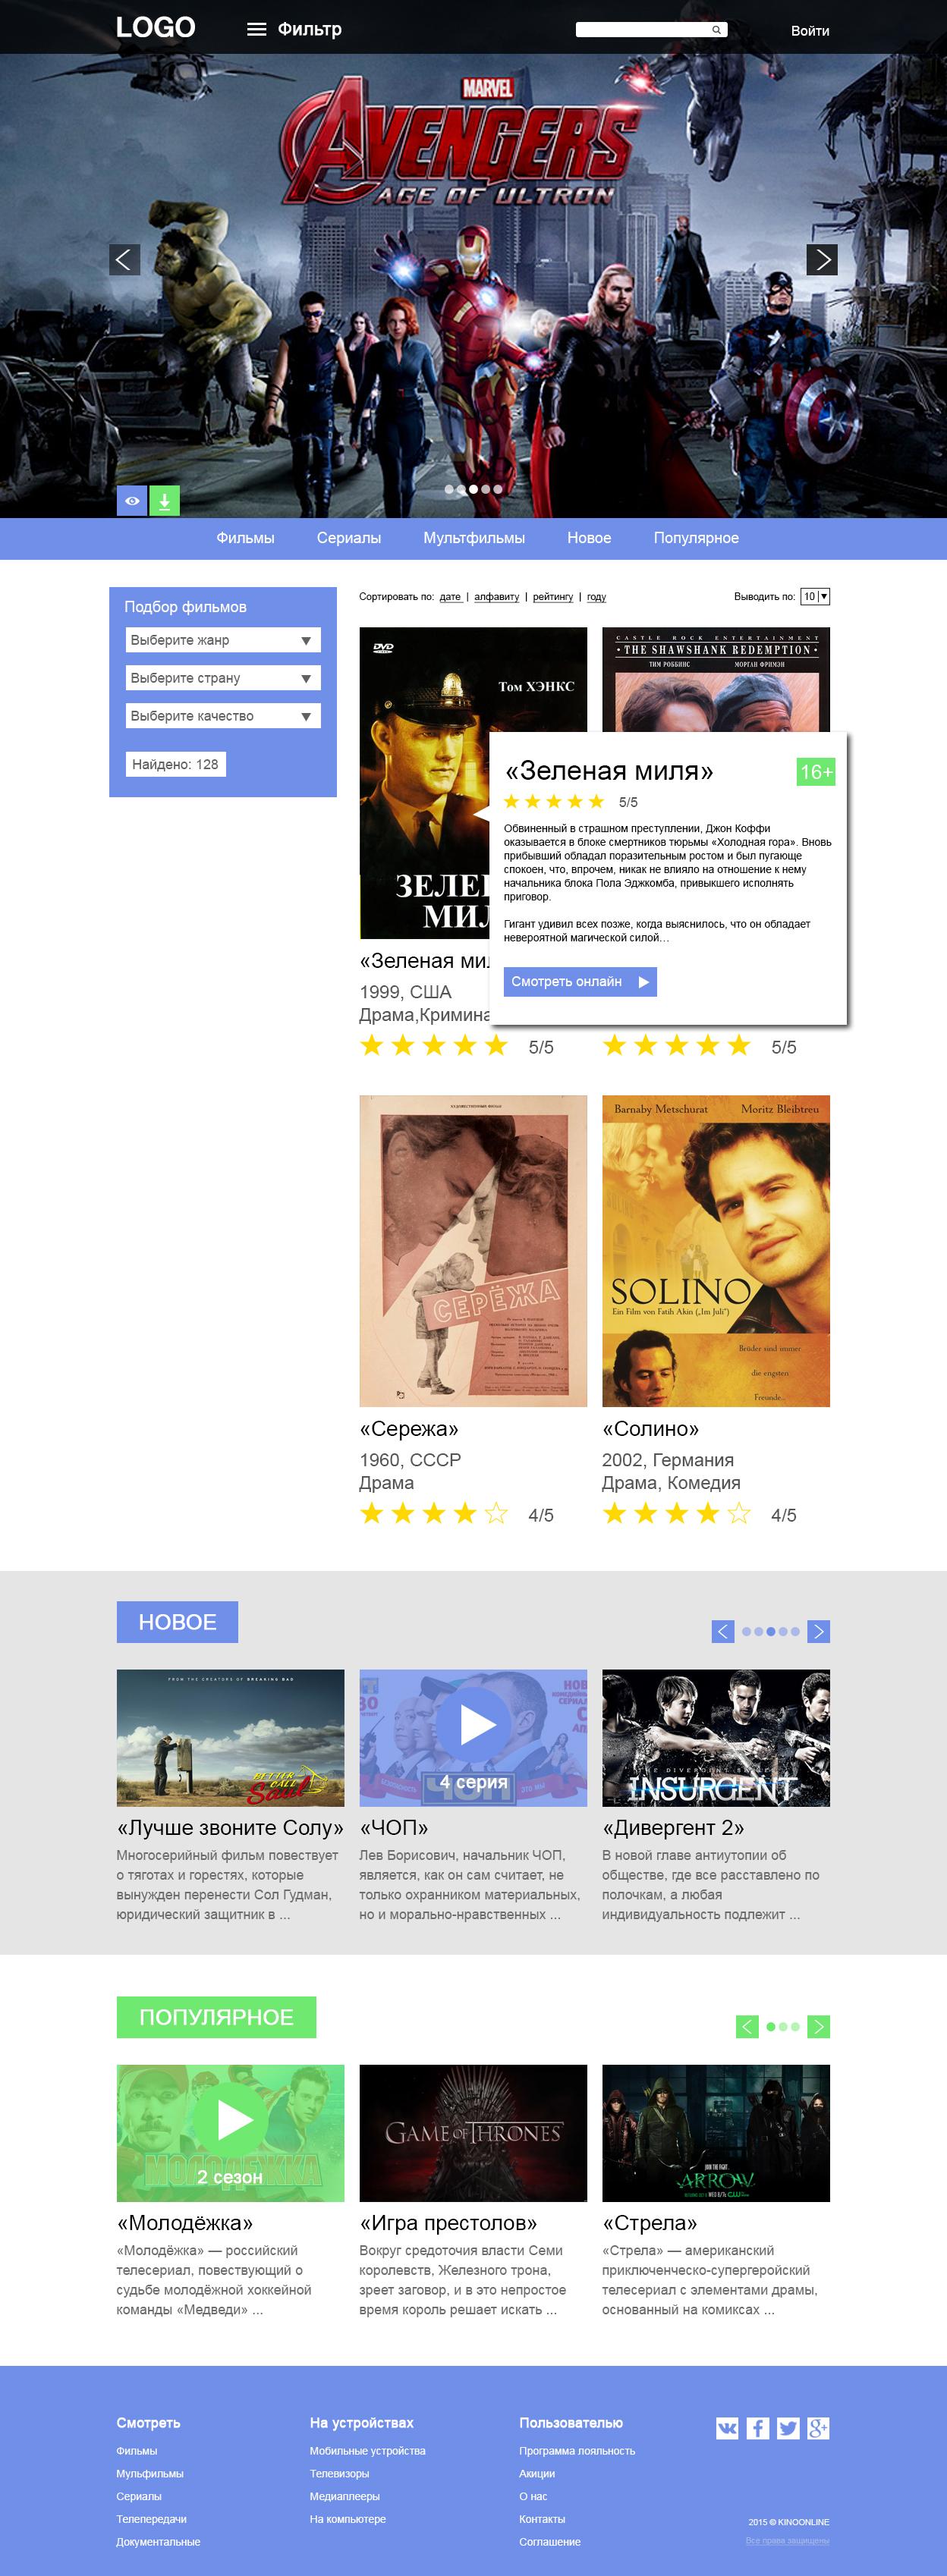 Дизайн для онлайн-кинотеатра фото f_42255282ab503a92.jpg